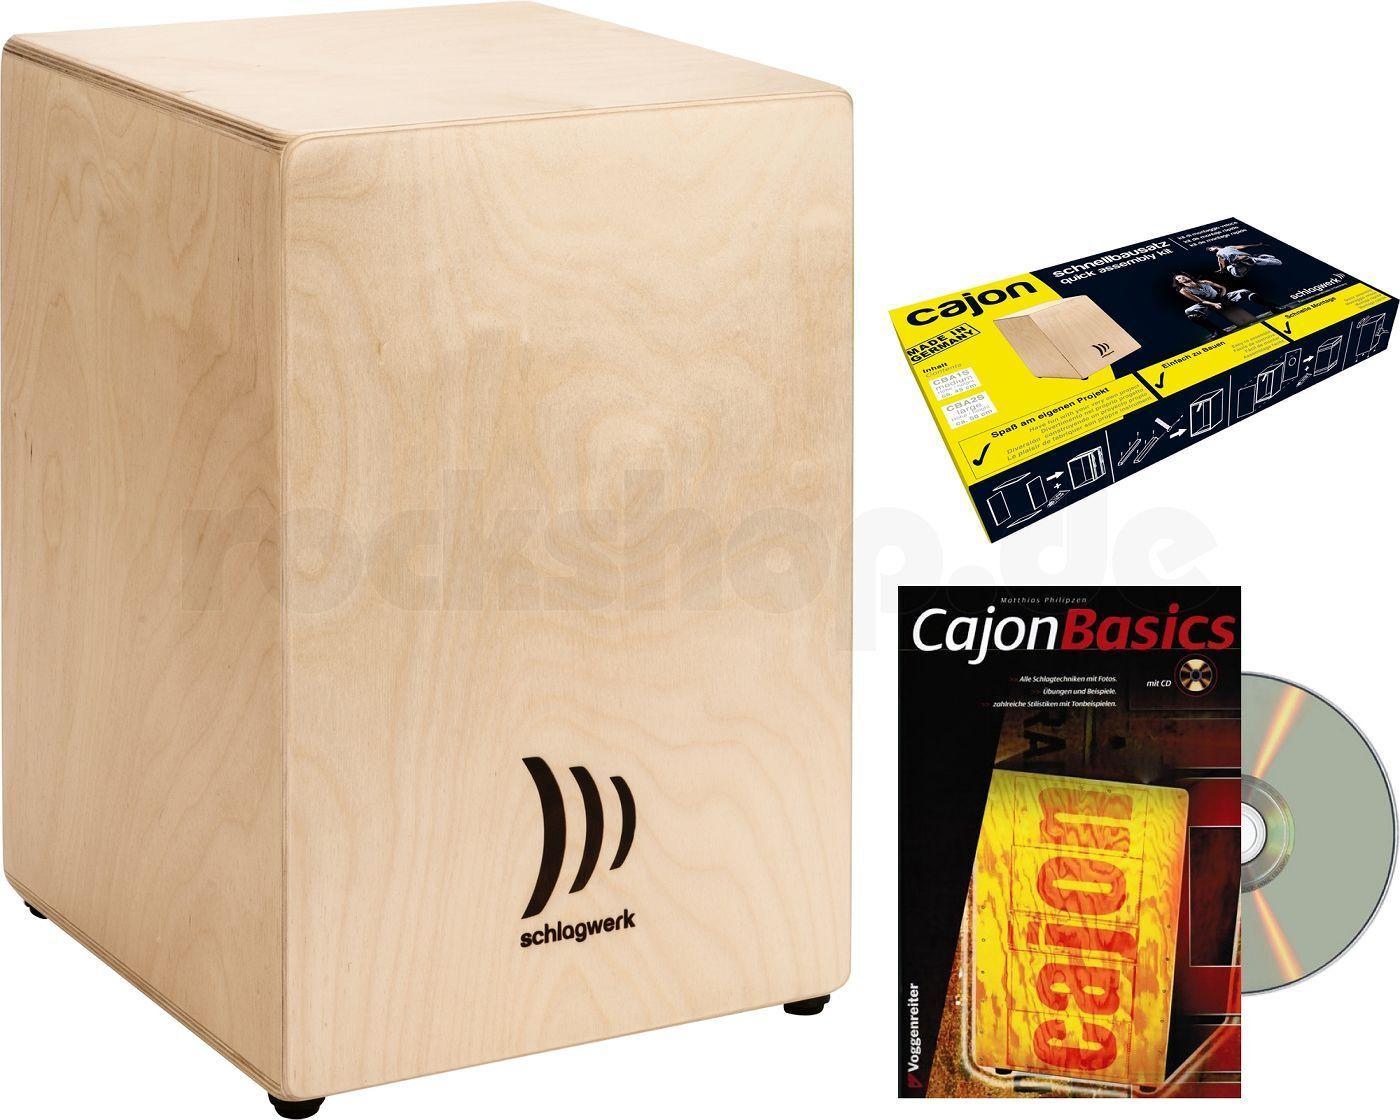 Schlagwerk My Cajon CBA1S Schnellbausatz Bausatz mit Lern Buch + CD + Spanngurt